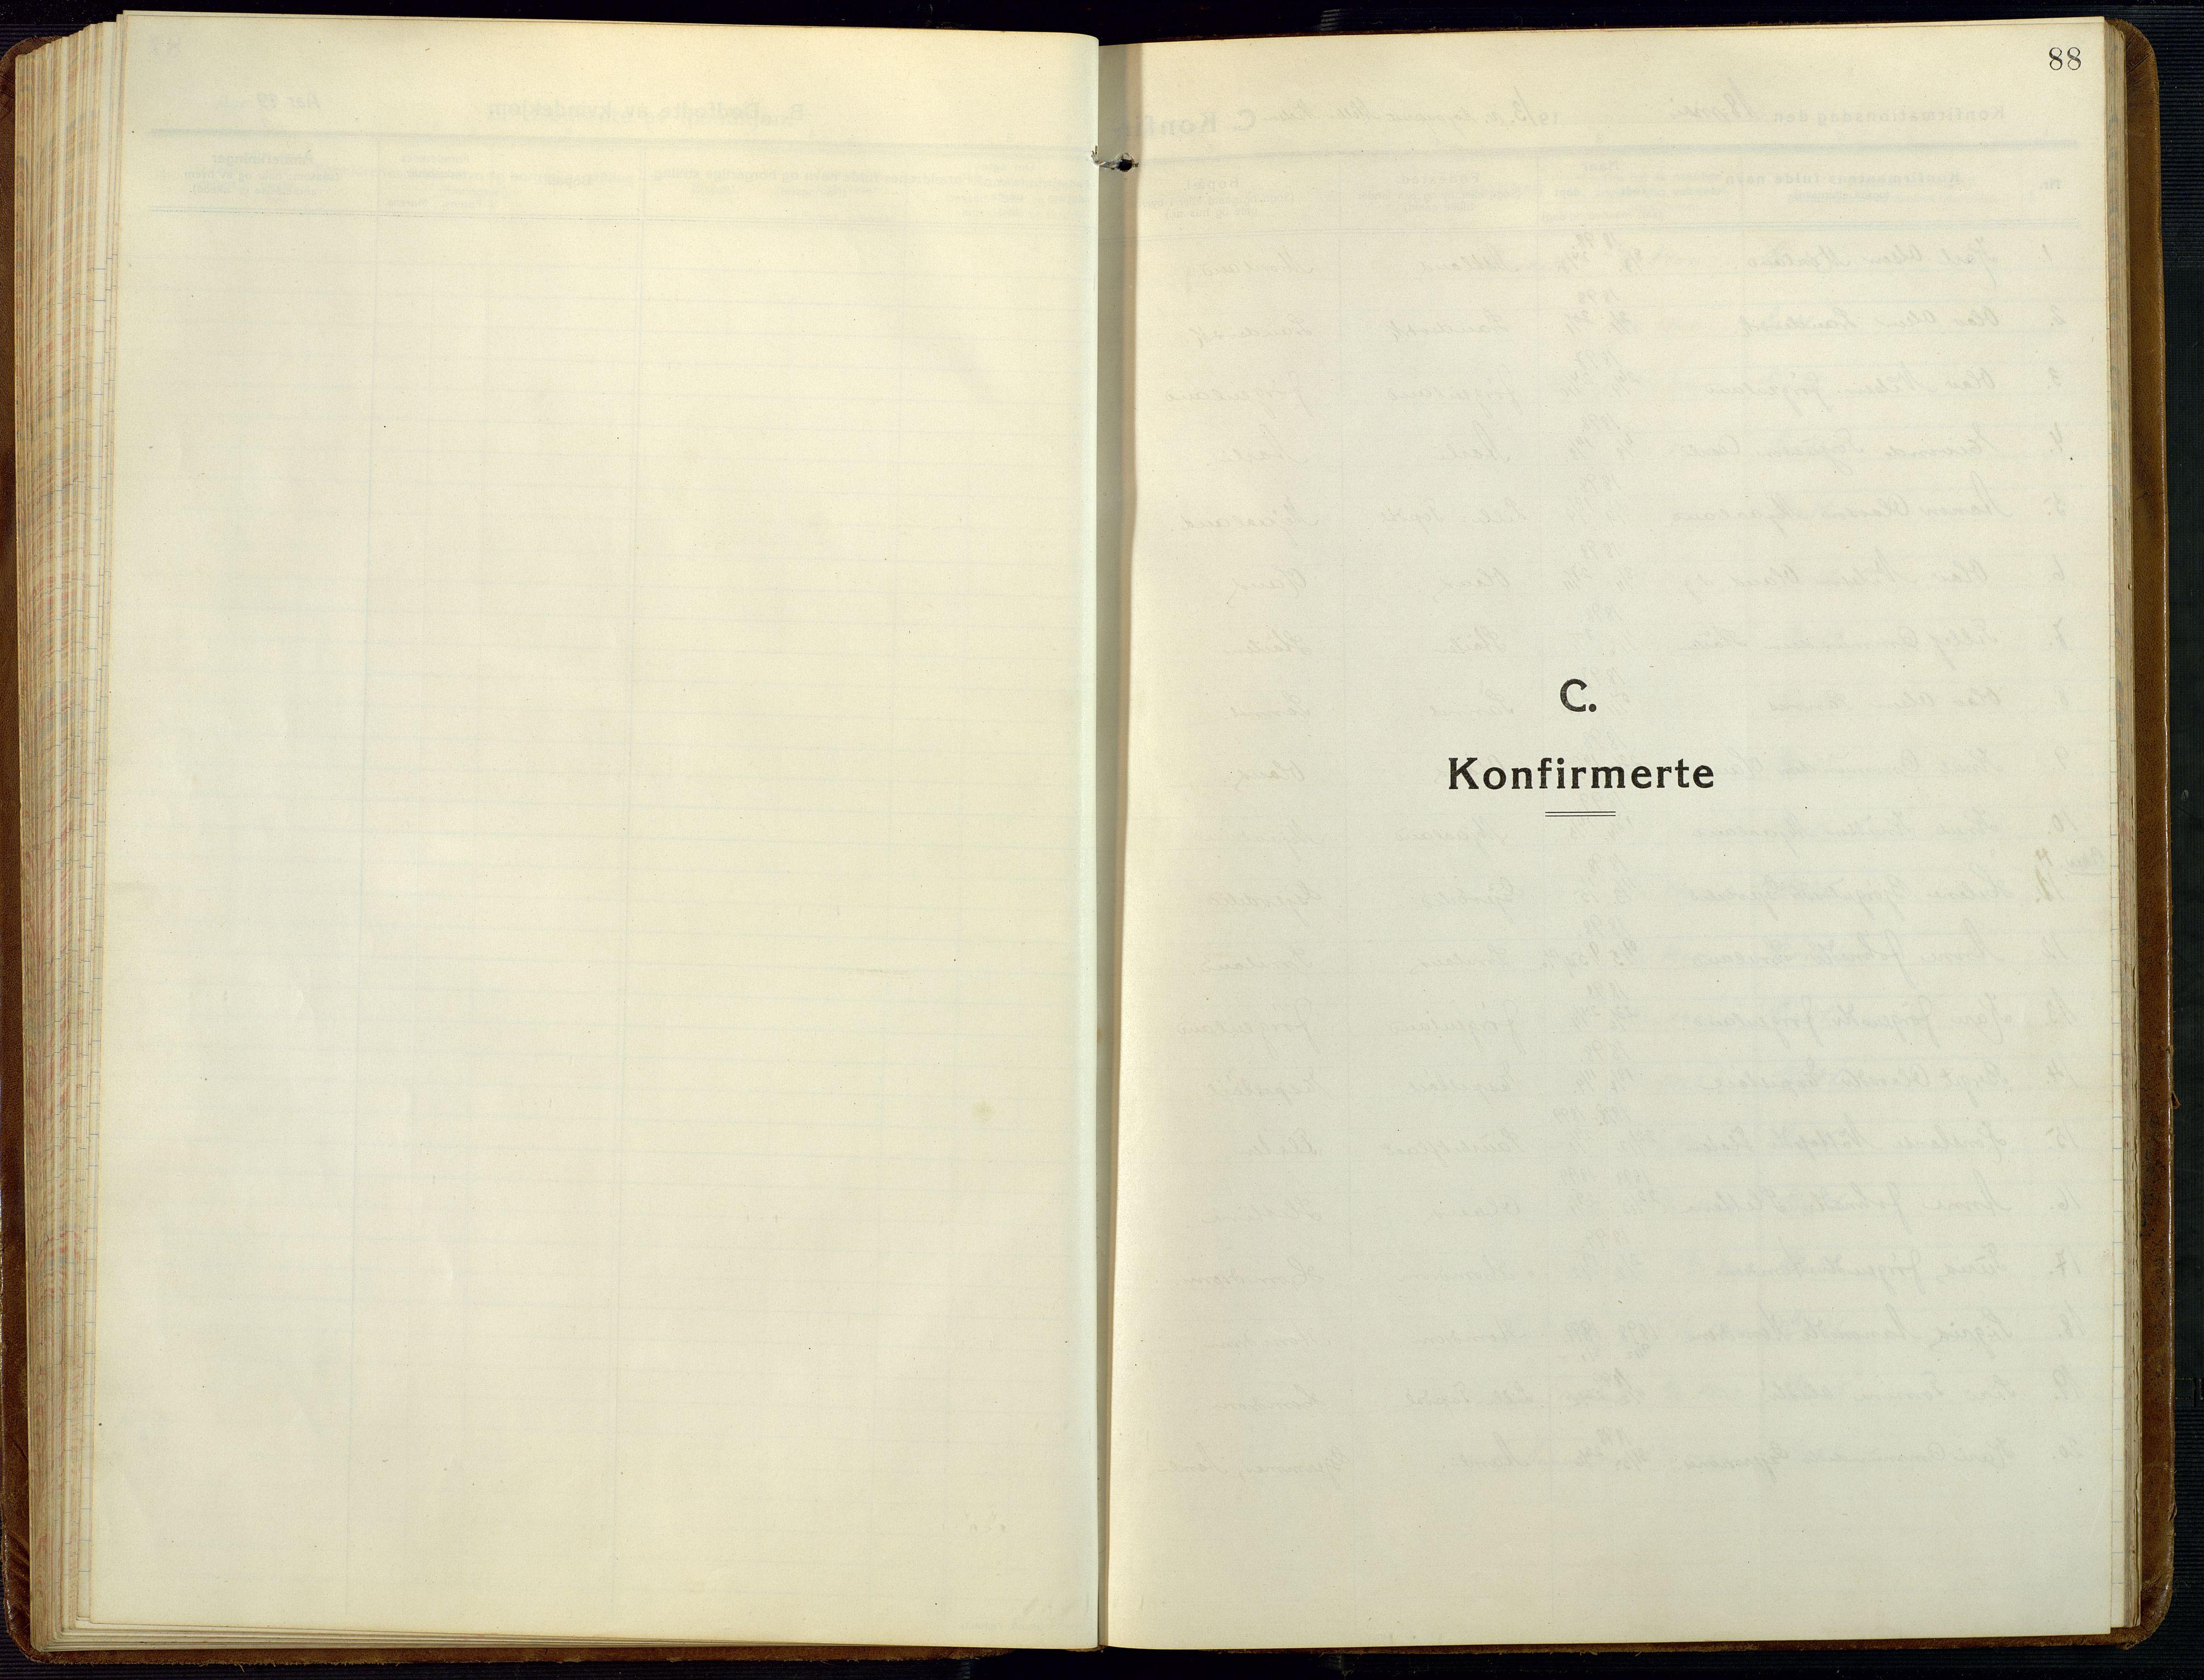 SAK, Åmli sokneprestkontor, F/Fb/Fba/L0003: Klokkerbok nr. B 3, 1912-1974, s. 88